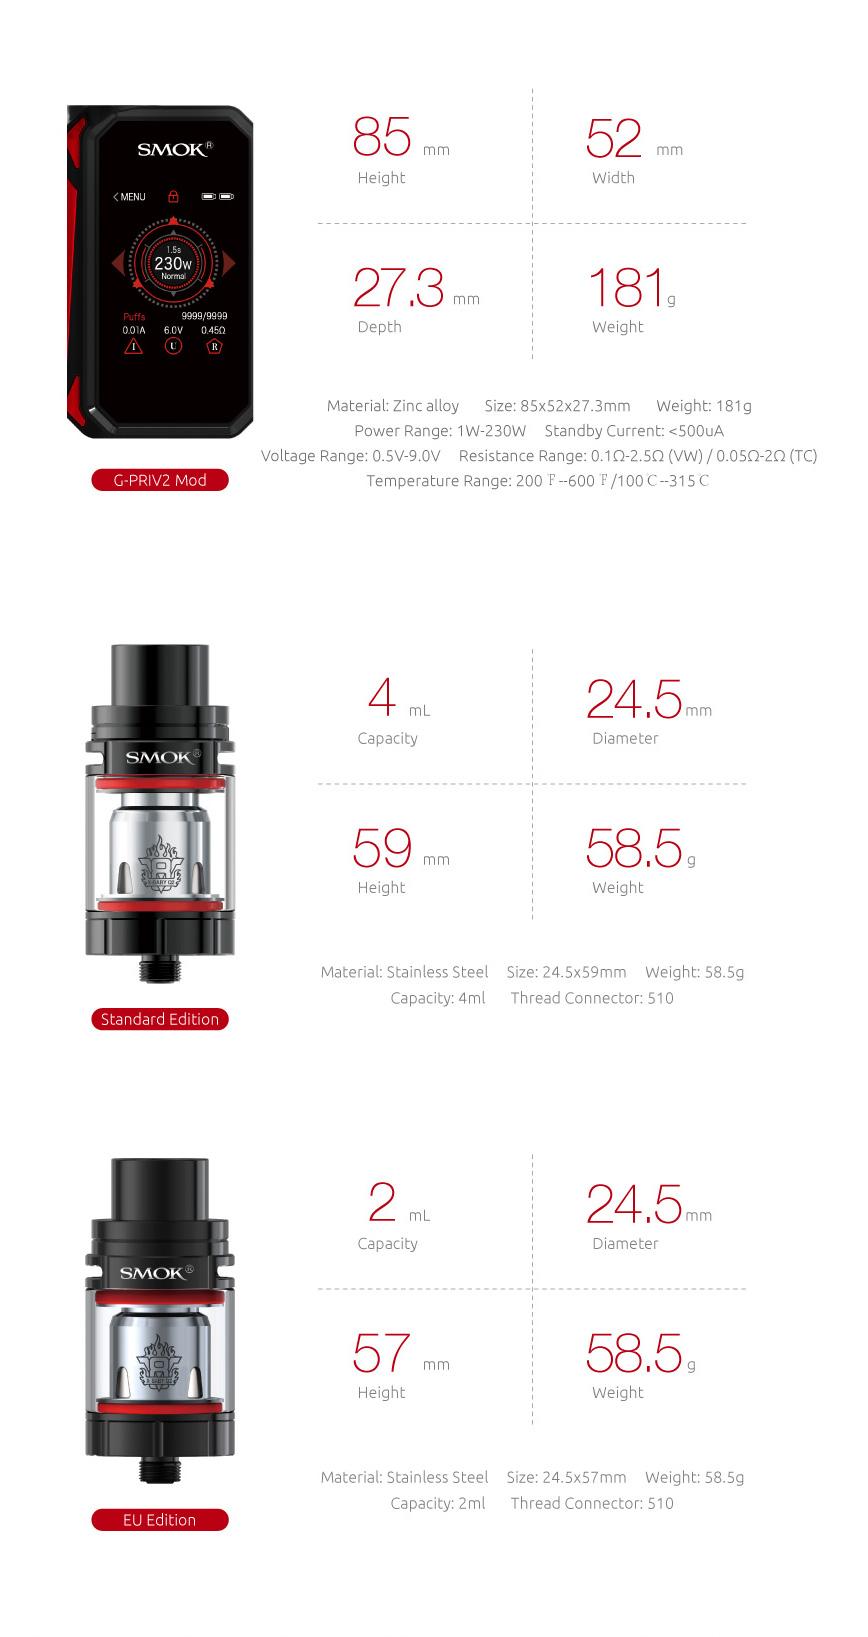 Specifications of SMOK G-Priv 2 Kit&Mod